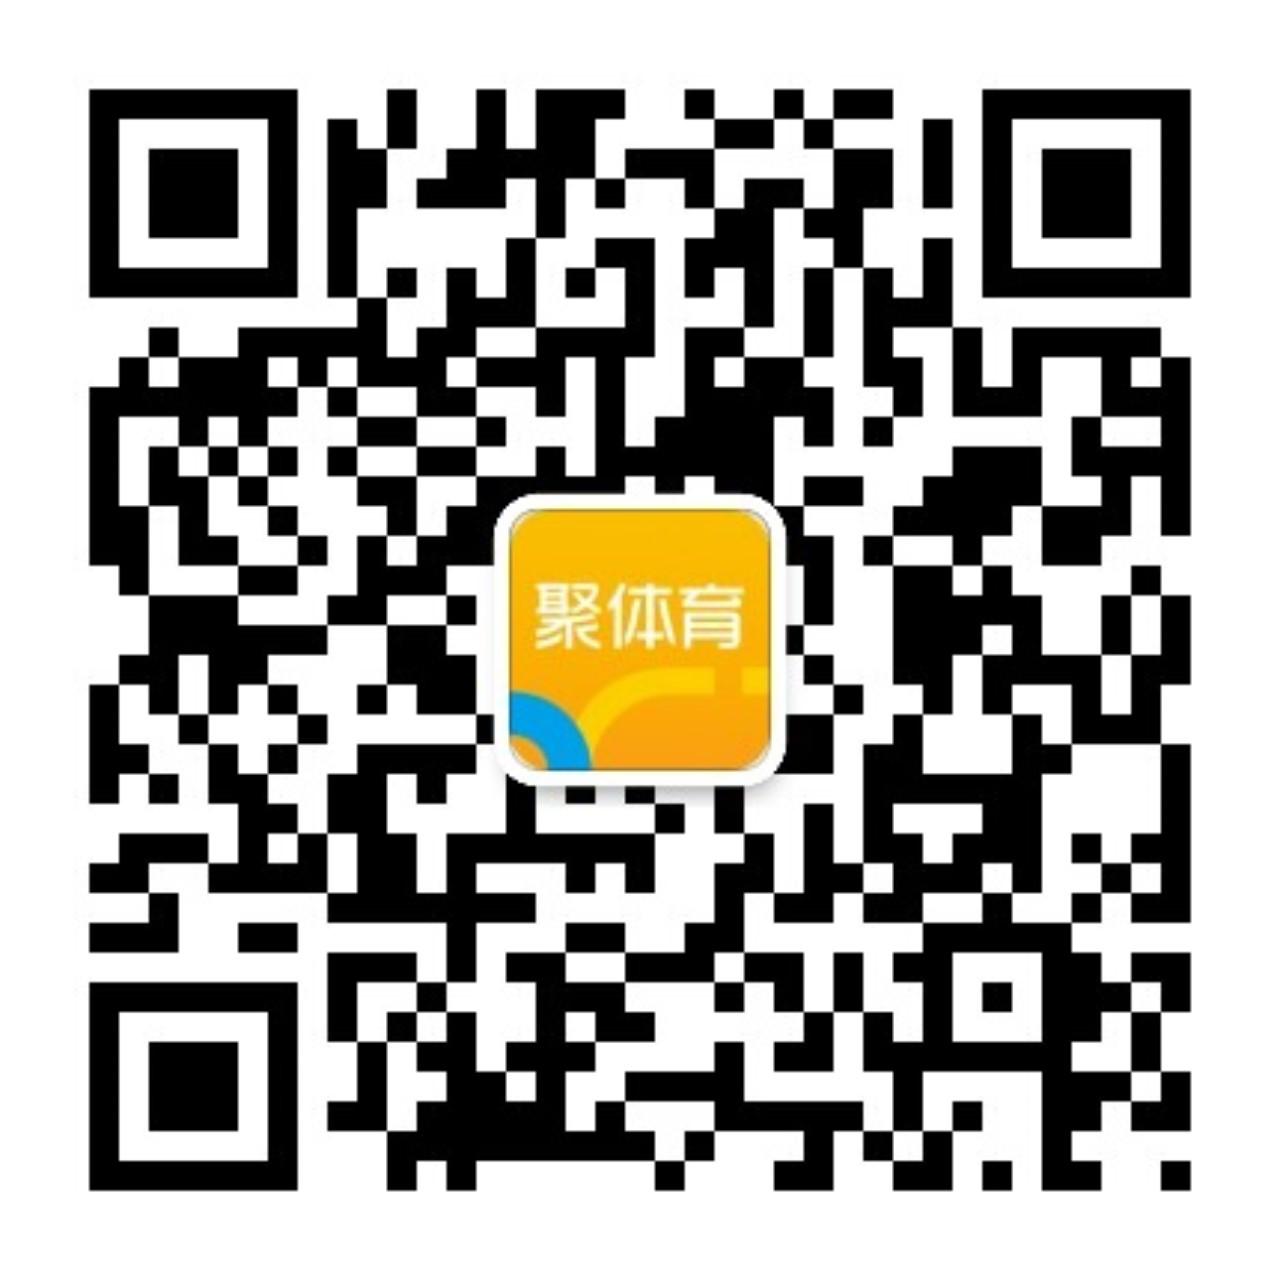 微信图片_20180308145315.jpg